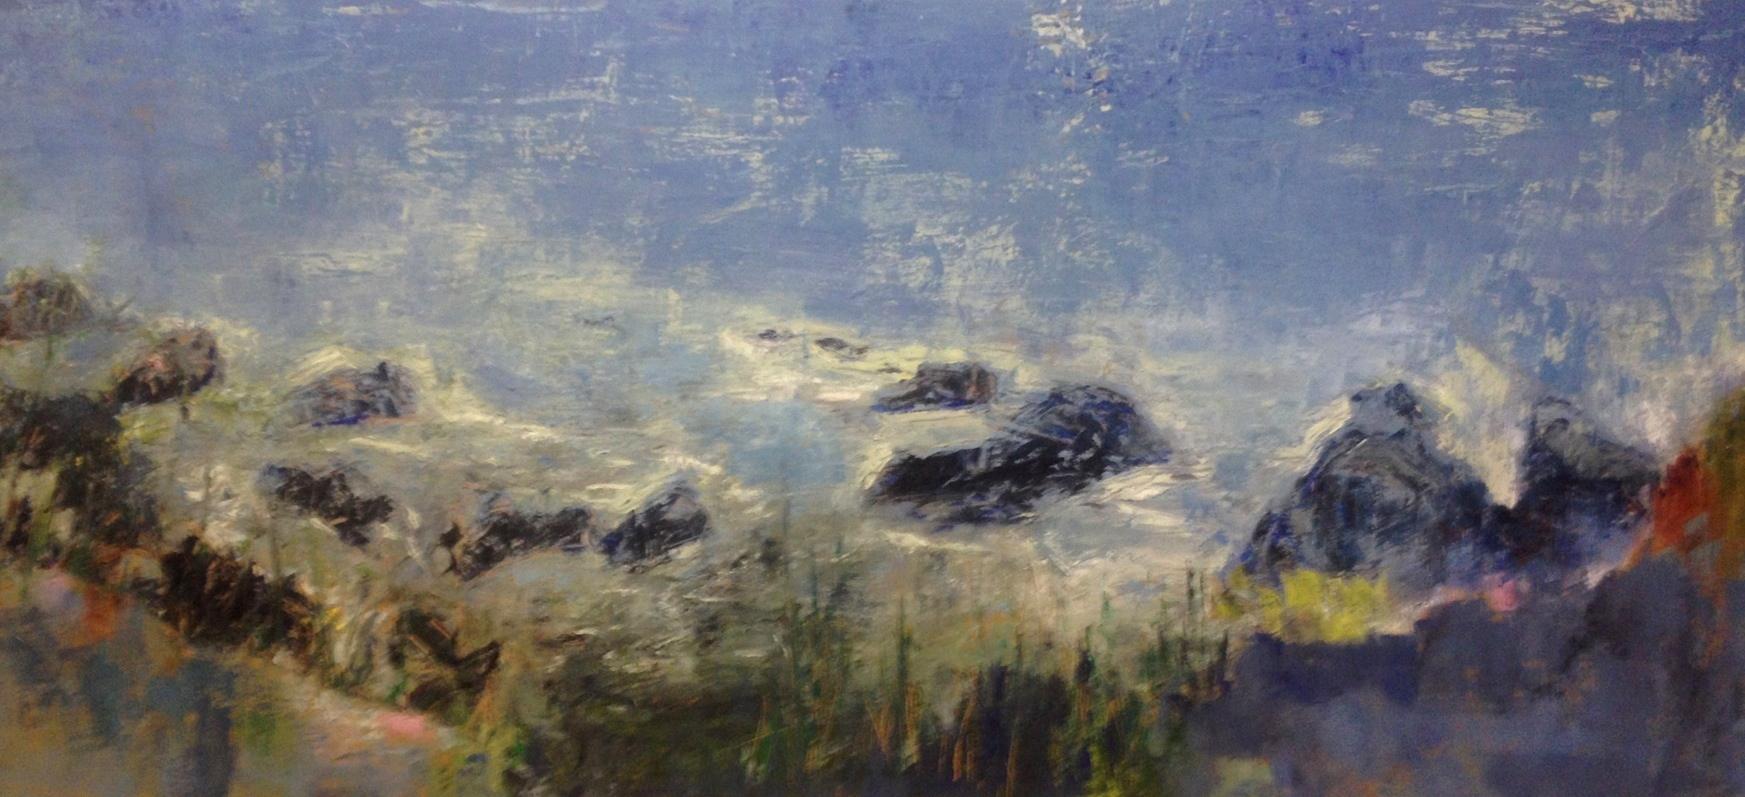 """KAREN THOMSON, Atlantic Coastline, 2013  Huile et encaustique sur panneau / Oil and encaustic on panel  91.4 x 213.4 cm / 36"""" x 84""""  CAD $8,050 (avec encadrement / framed)"""